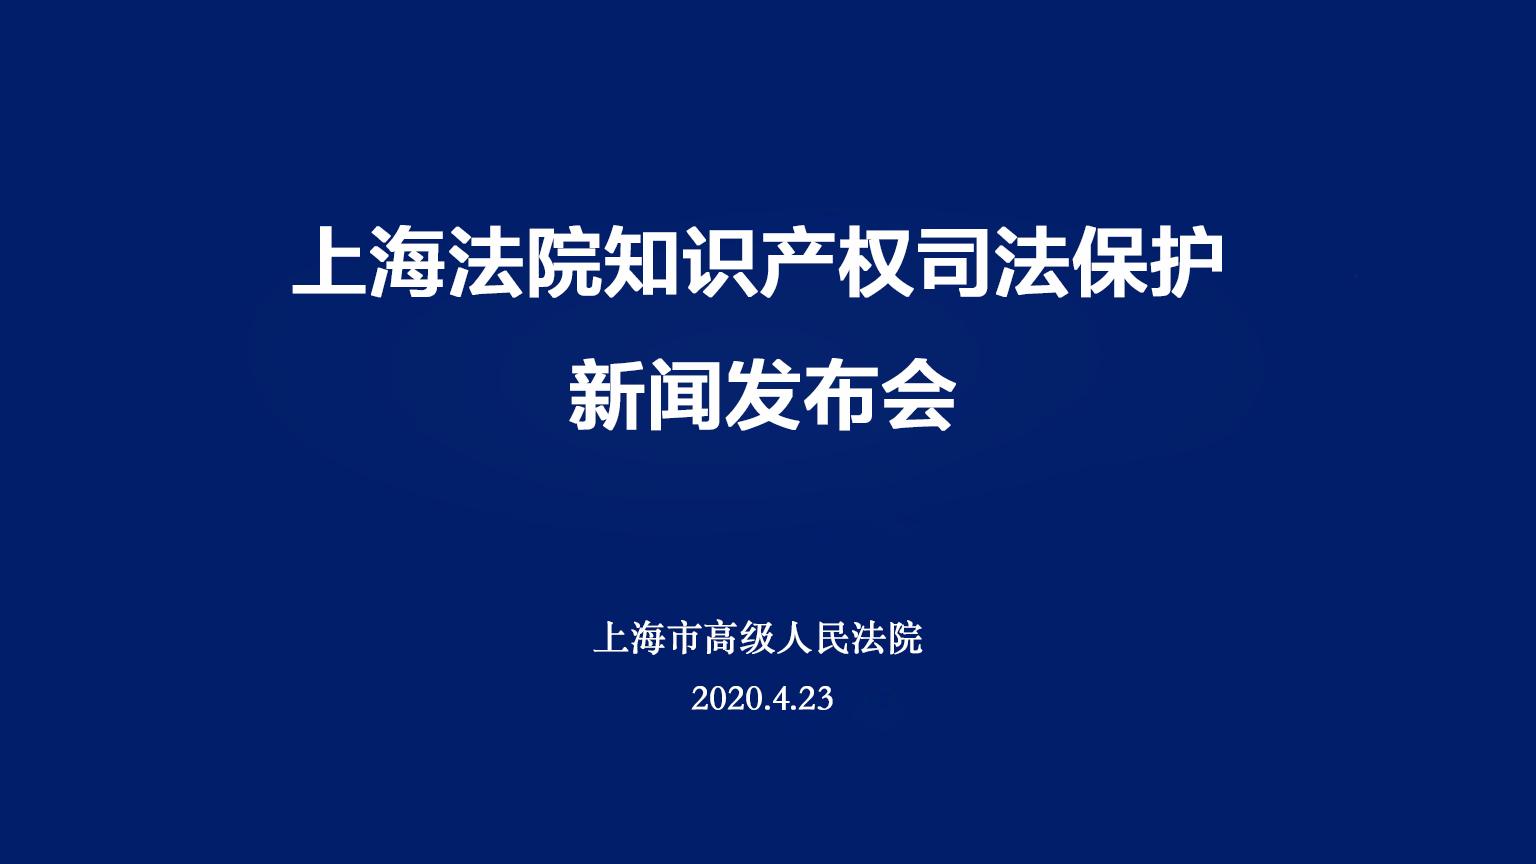 知识产权司法保护新闻发布会